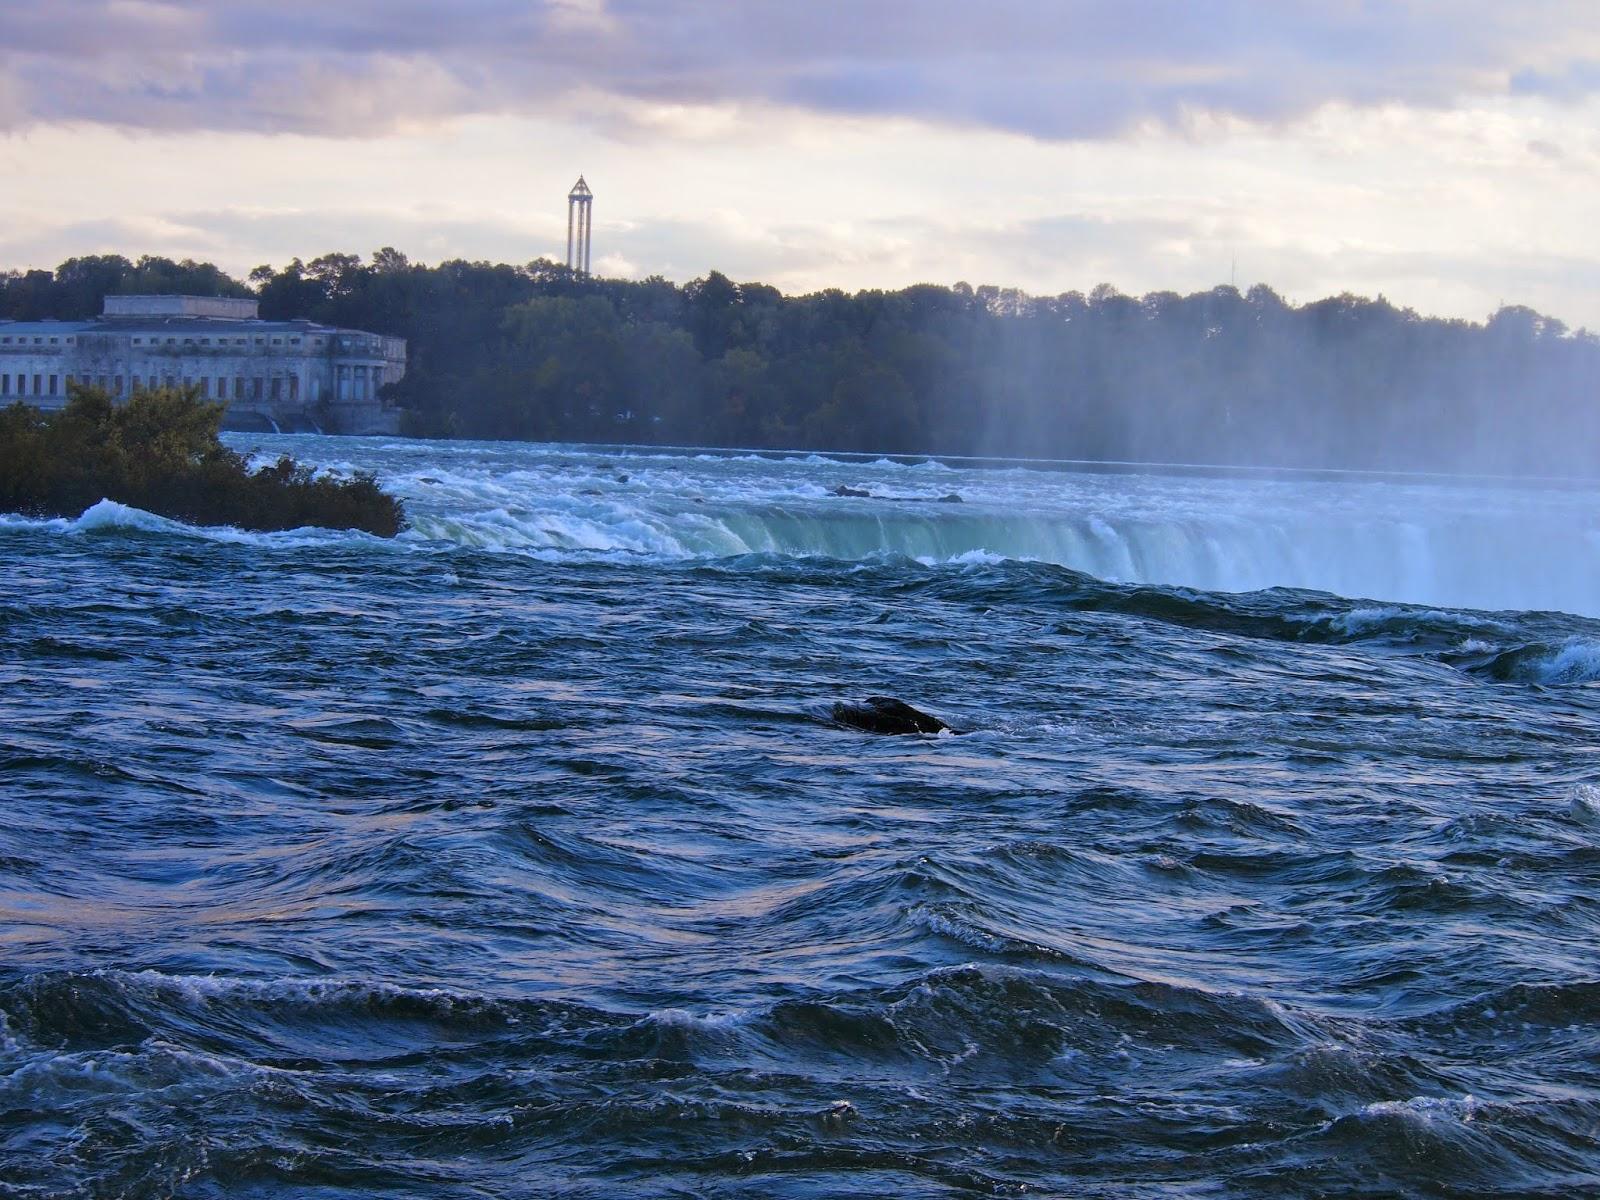 アメリカ側からのナイアガラの滝:上部